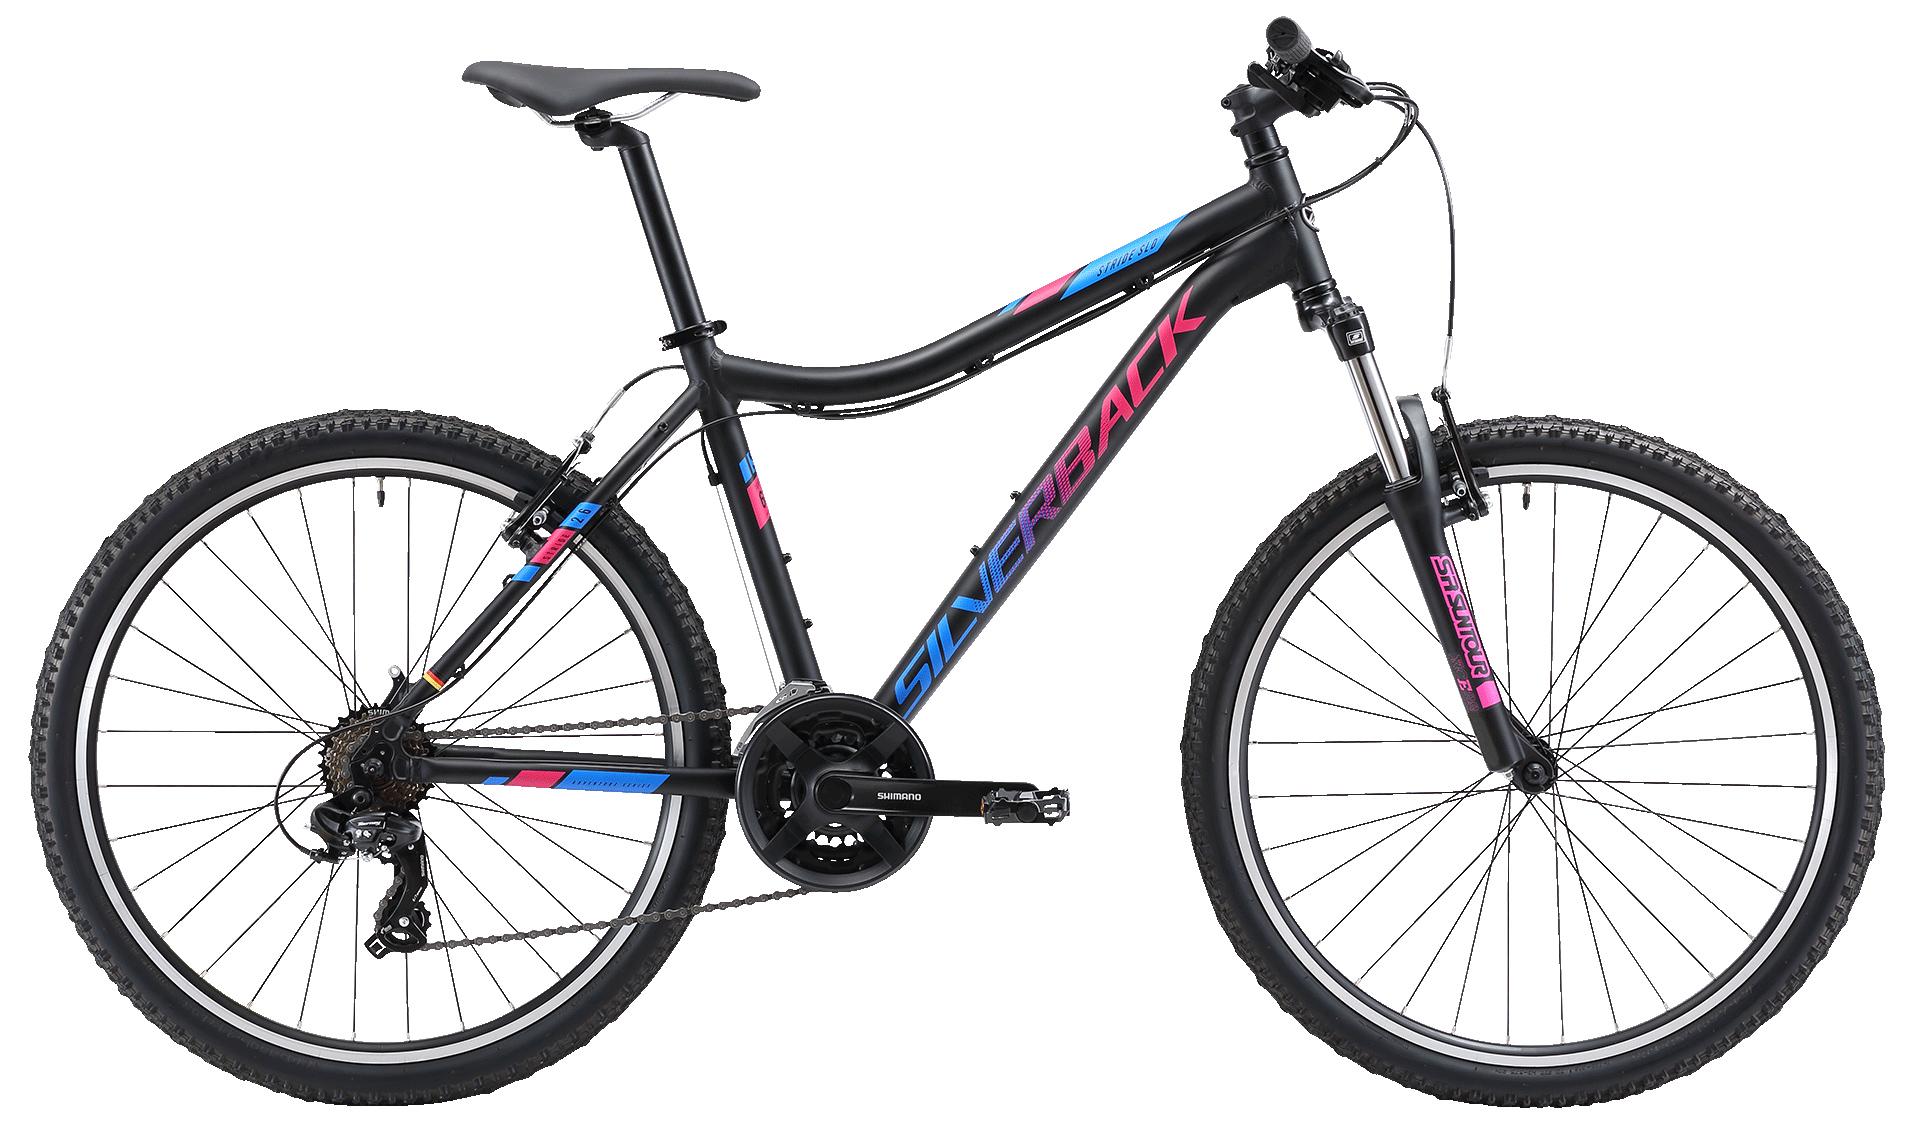 Велосипед Silverback Stride 26 SLD 2019 велосипед silverback stride fatty 2018